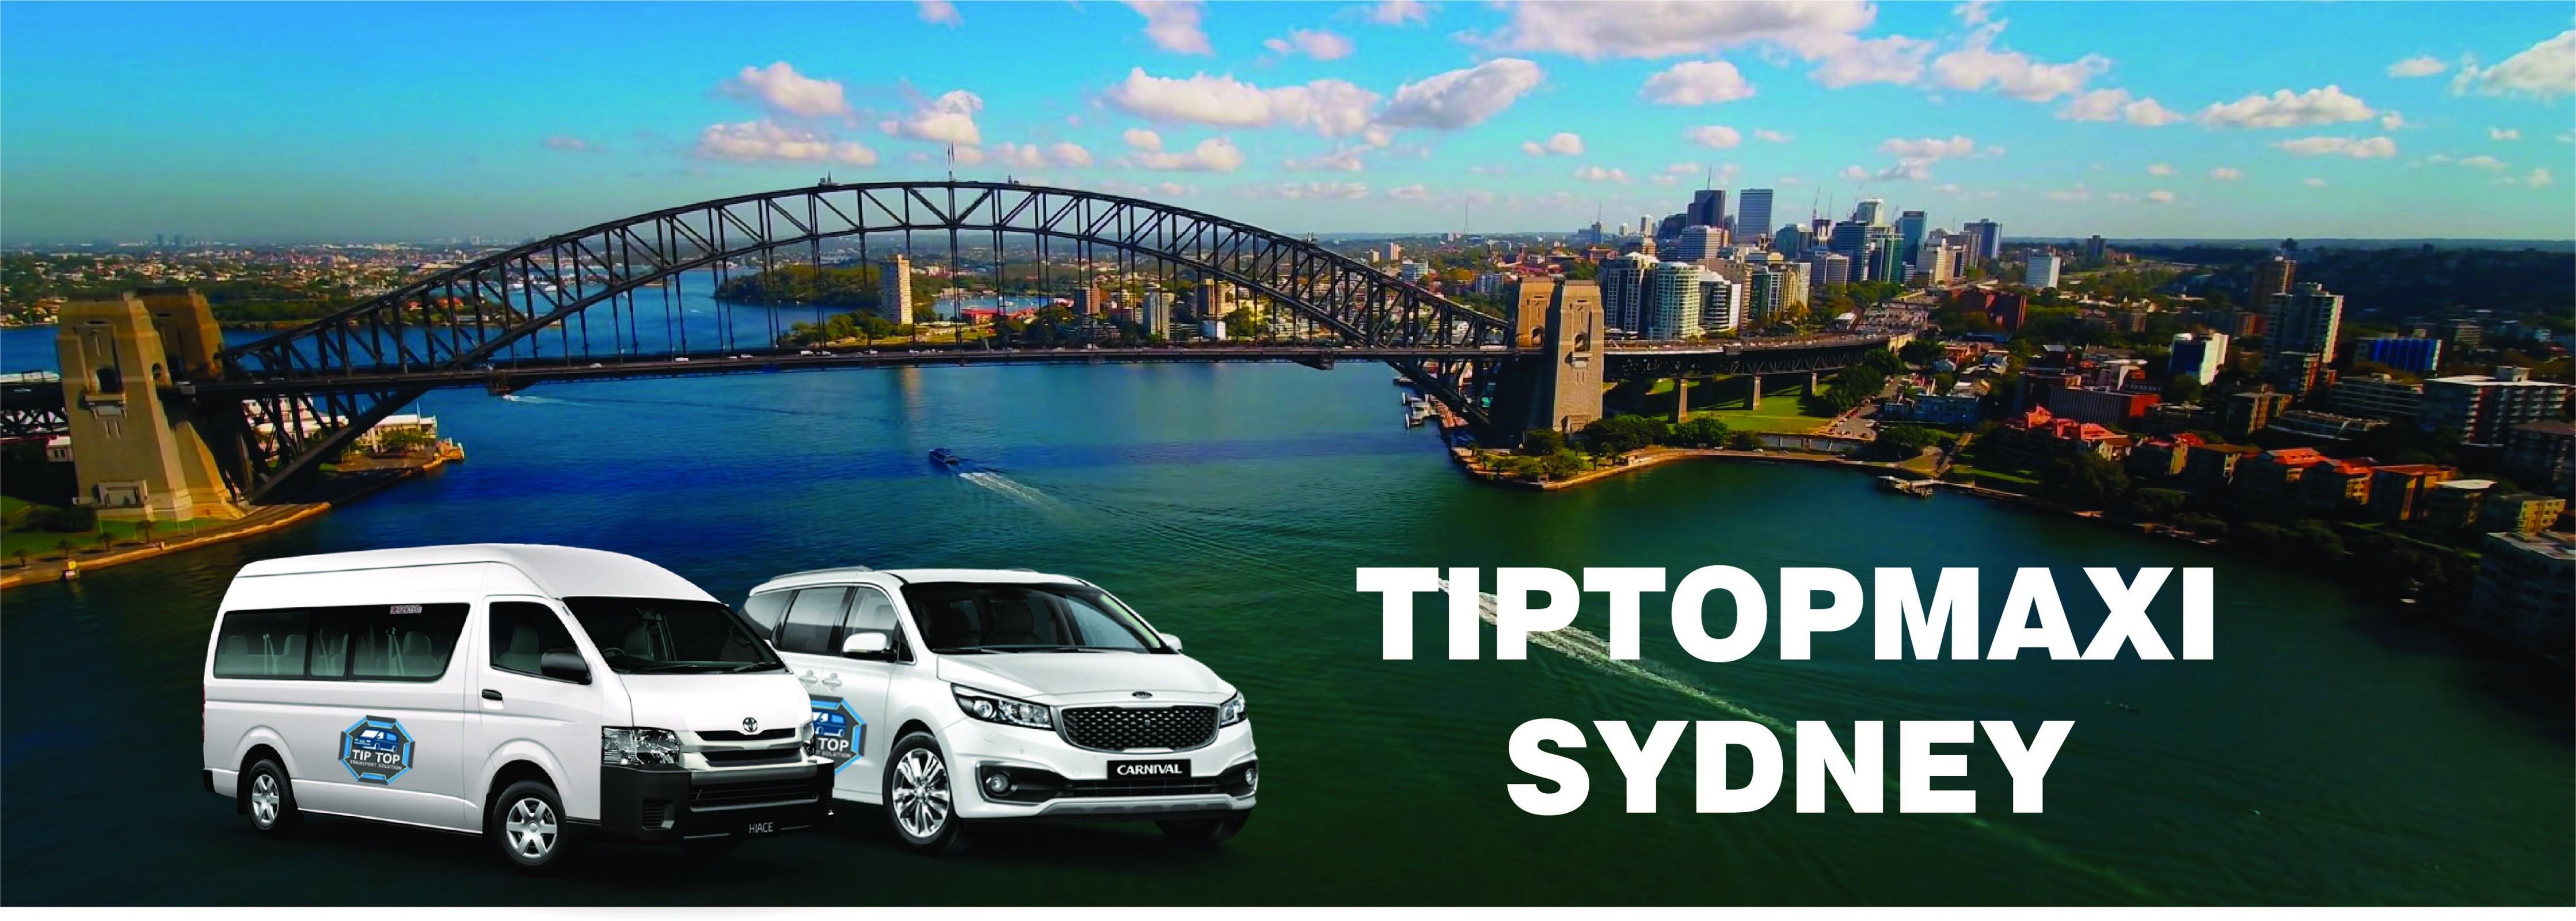 Maxi Taxi Sydney Airport rates